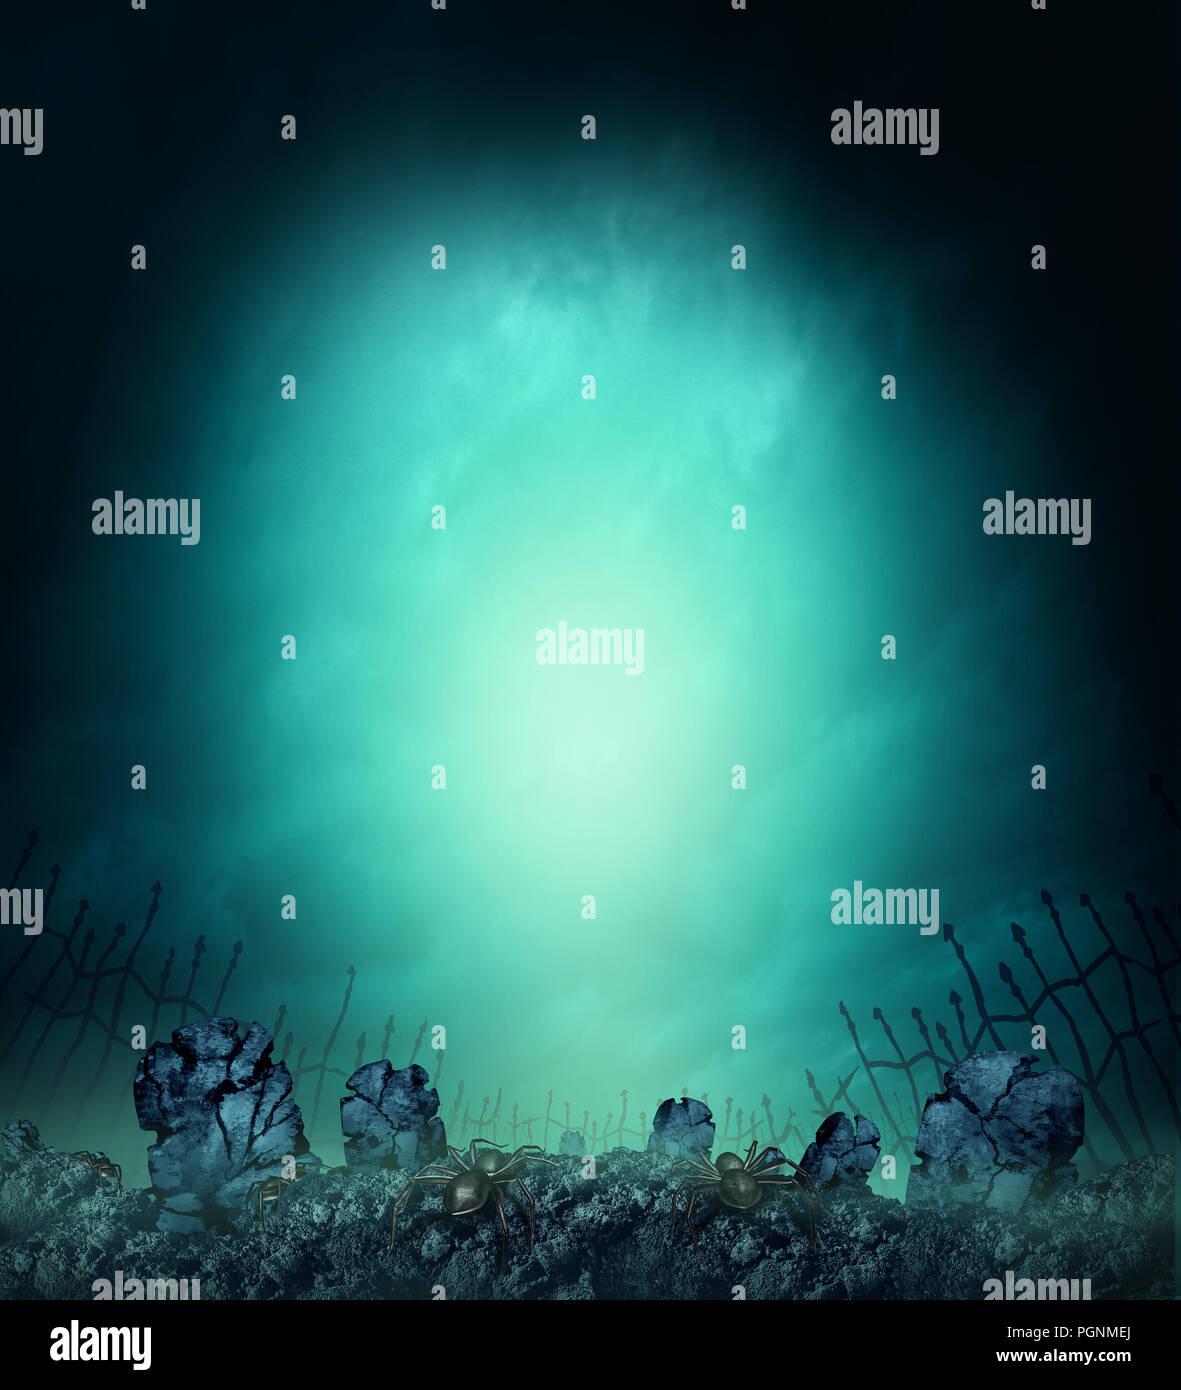 Spooky Friedhof mit unheimlichen Grabsteine oder Grab stein im Nebel wie eine gruselige Halloween poster Design mit Kopie Raum mit 3D-Illustration Elemente. Stockbild